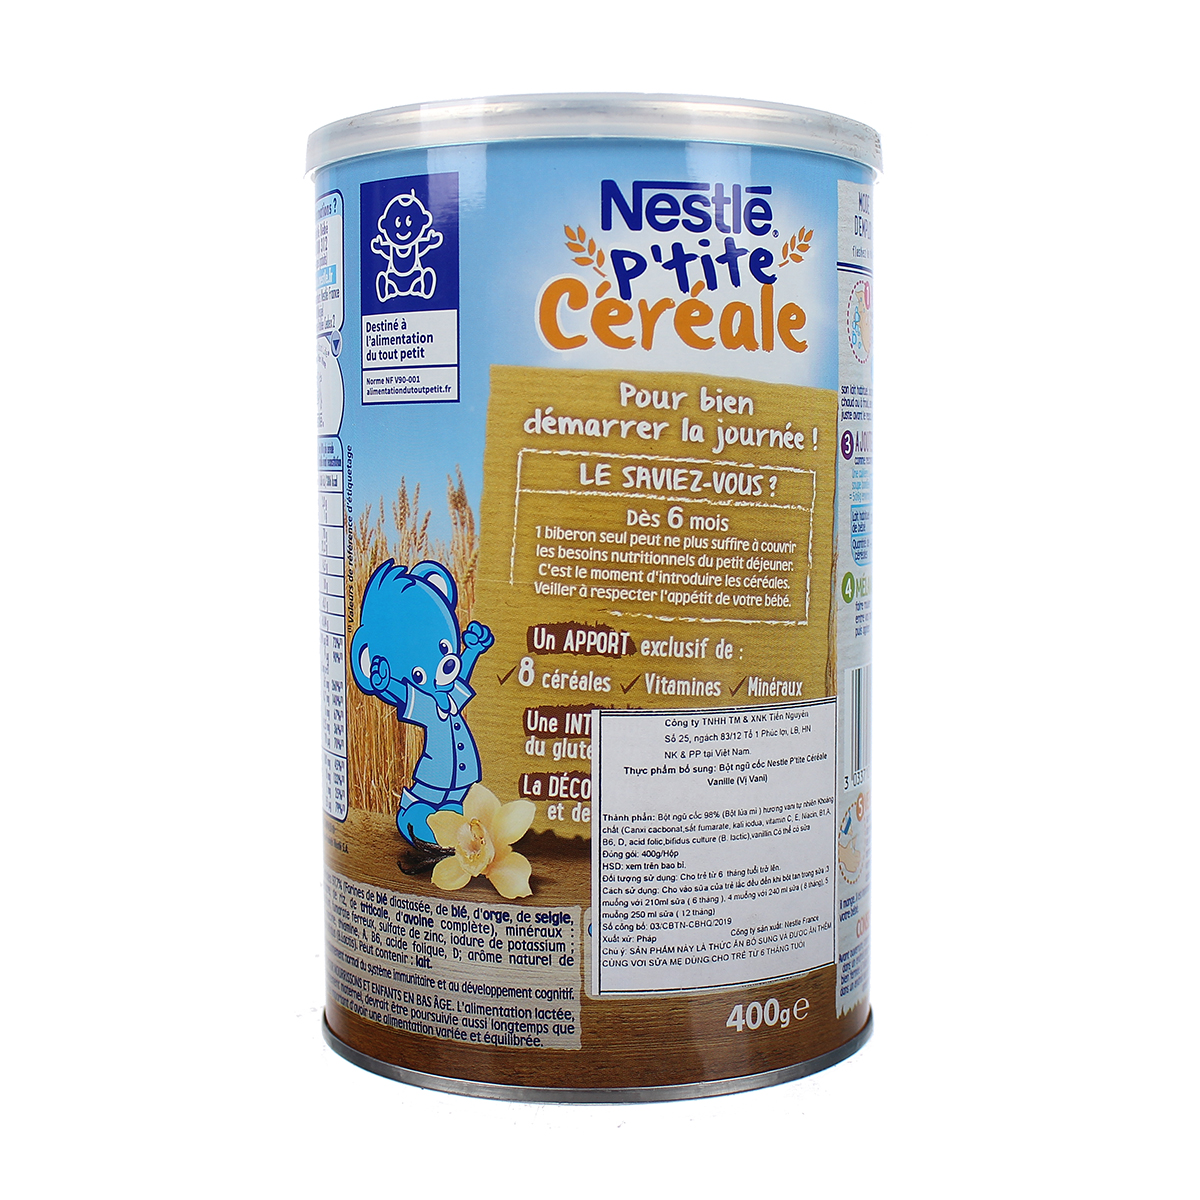 Thông tin bột pha sữa Nestle vị vani